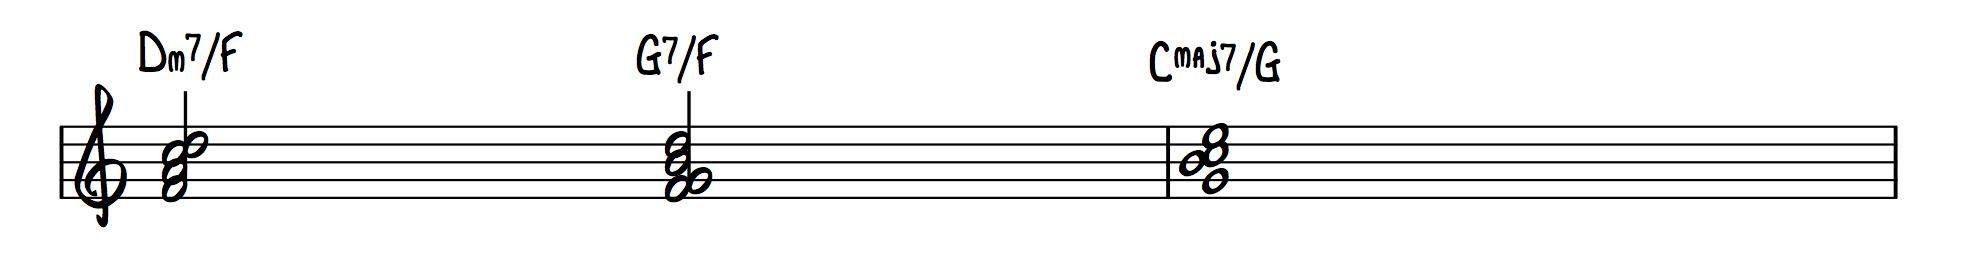 21 - 251 w_Inversions